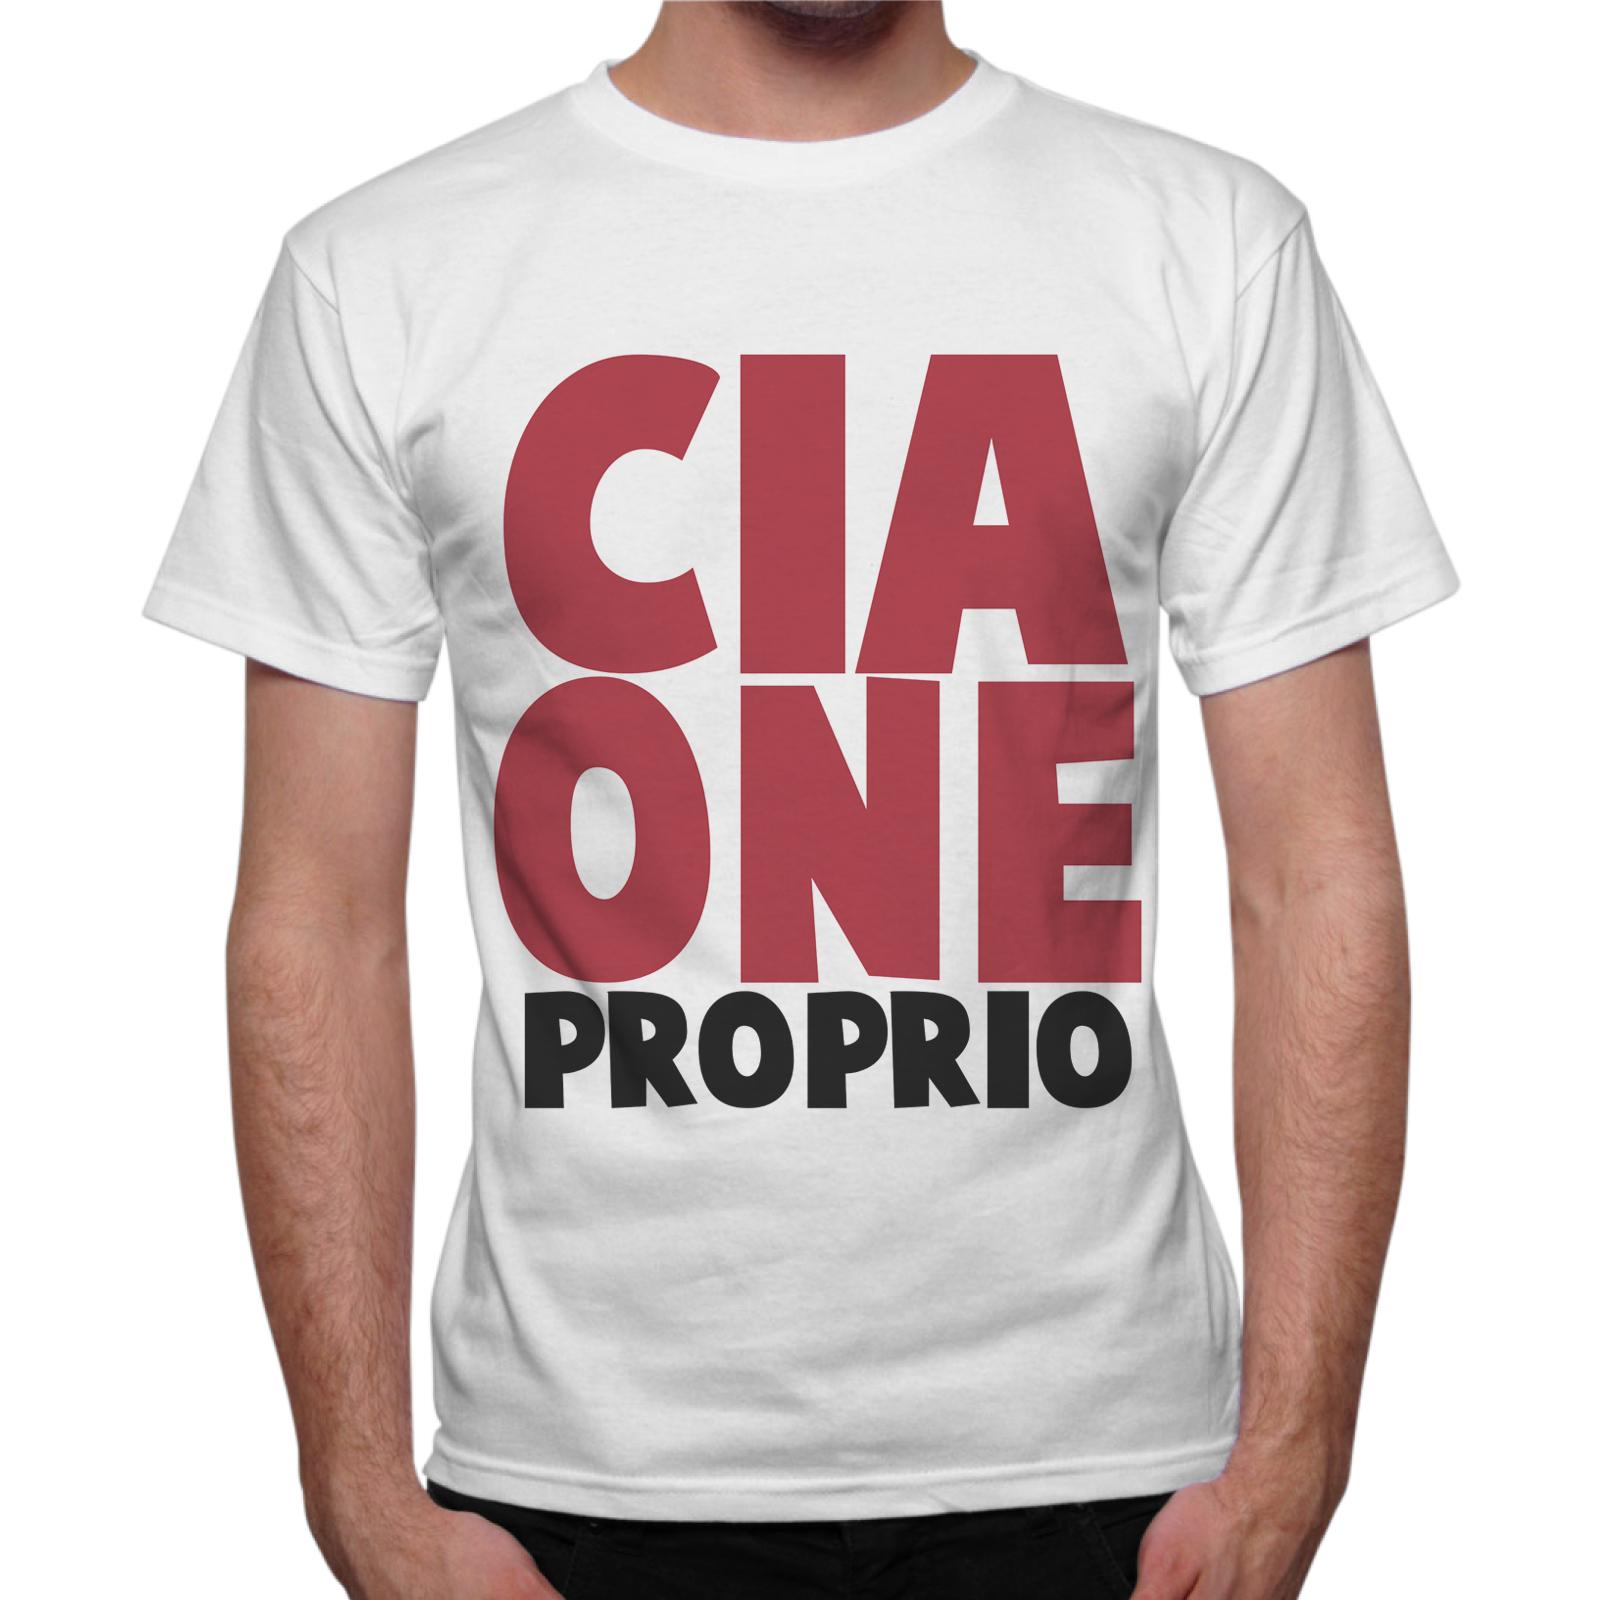 T-Shirt Uomo CIAONE PROPRIO